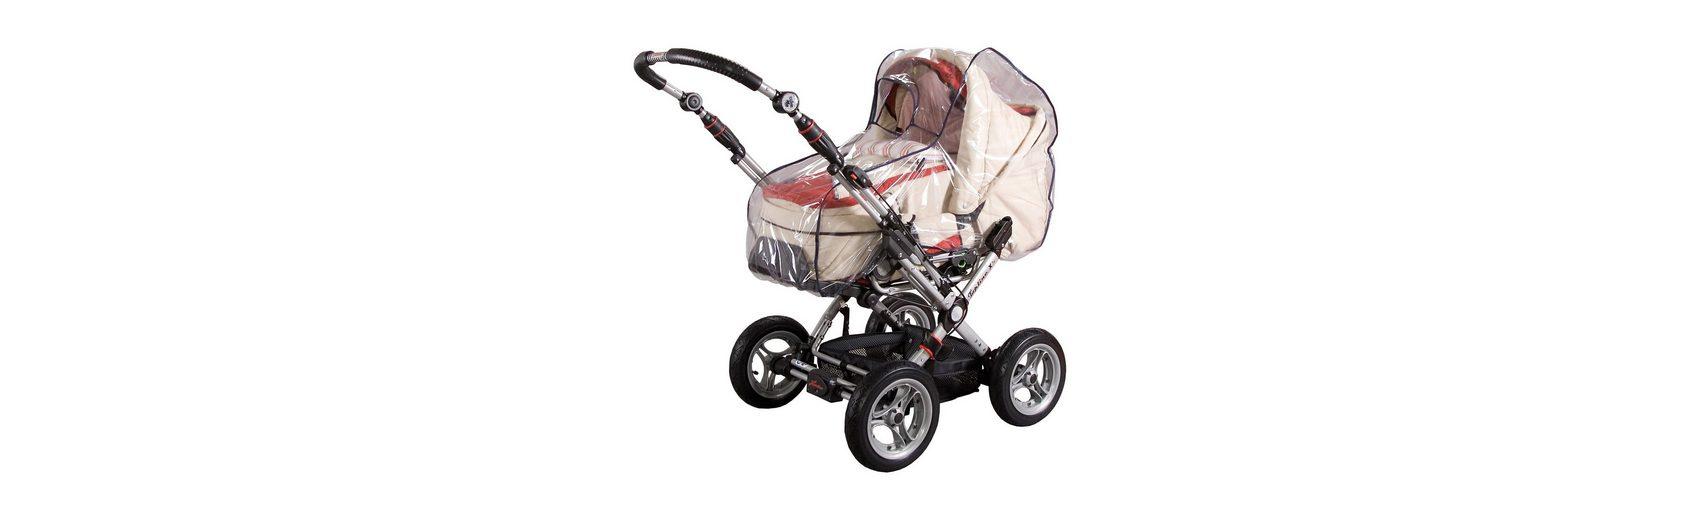 sunnybaby Regenverdeck für Kinderwagen, marine